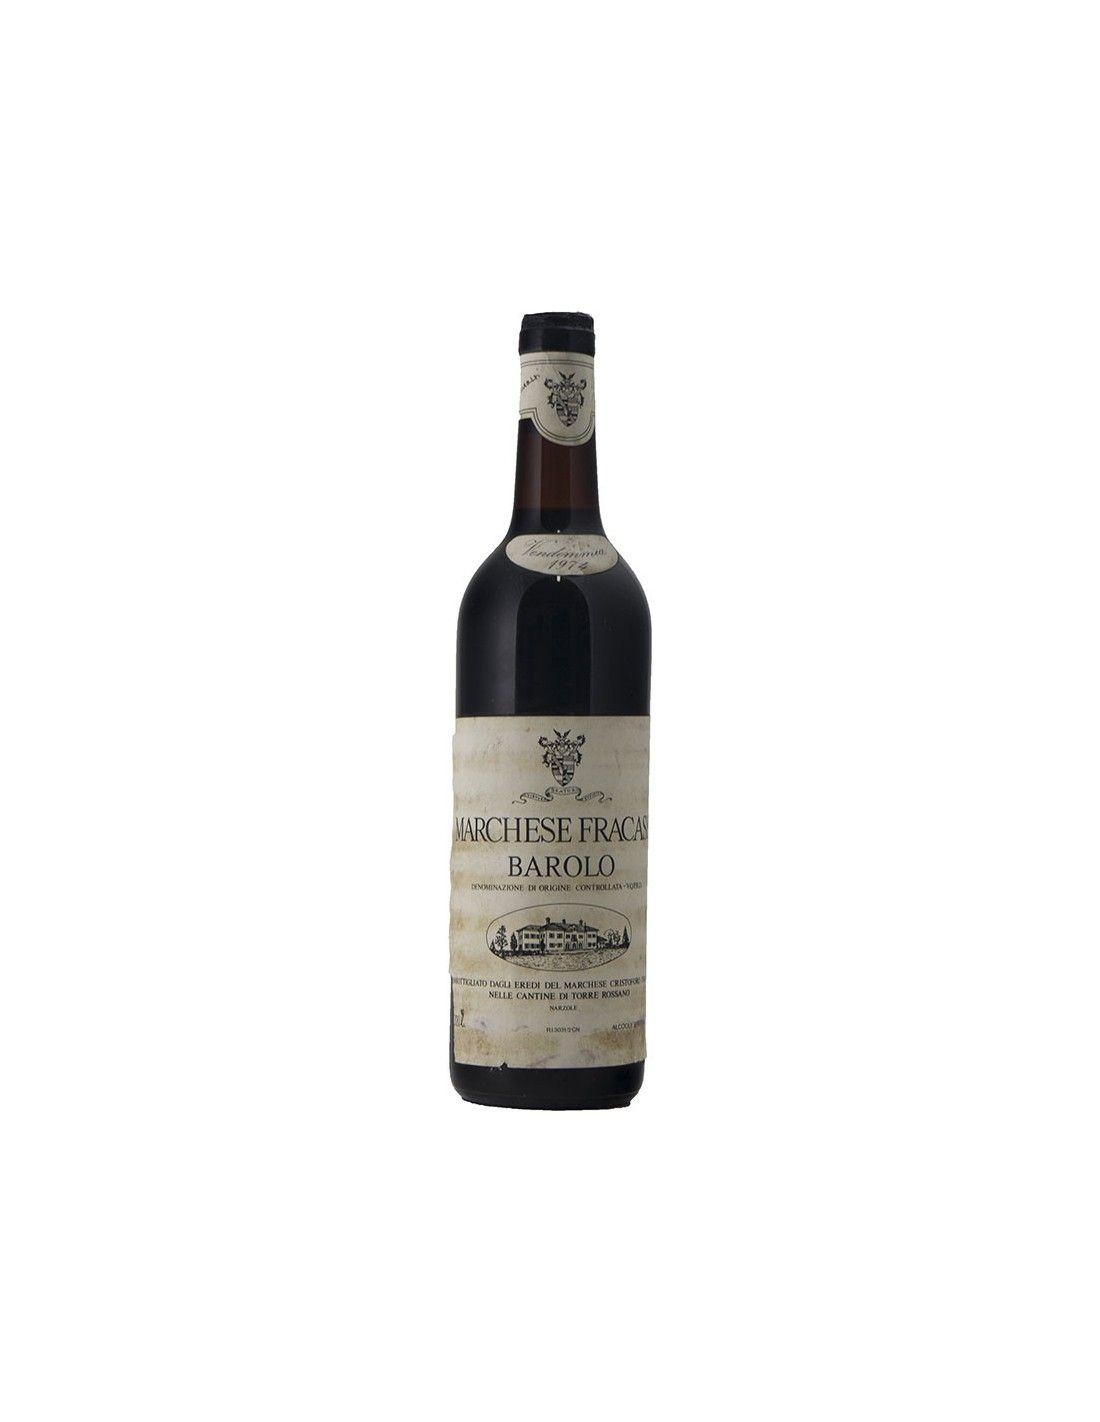 BAROLO 1974 FRACASSI Grandi Bottiglie